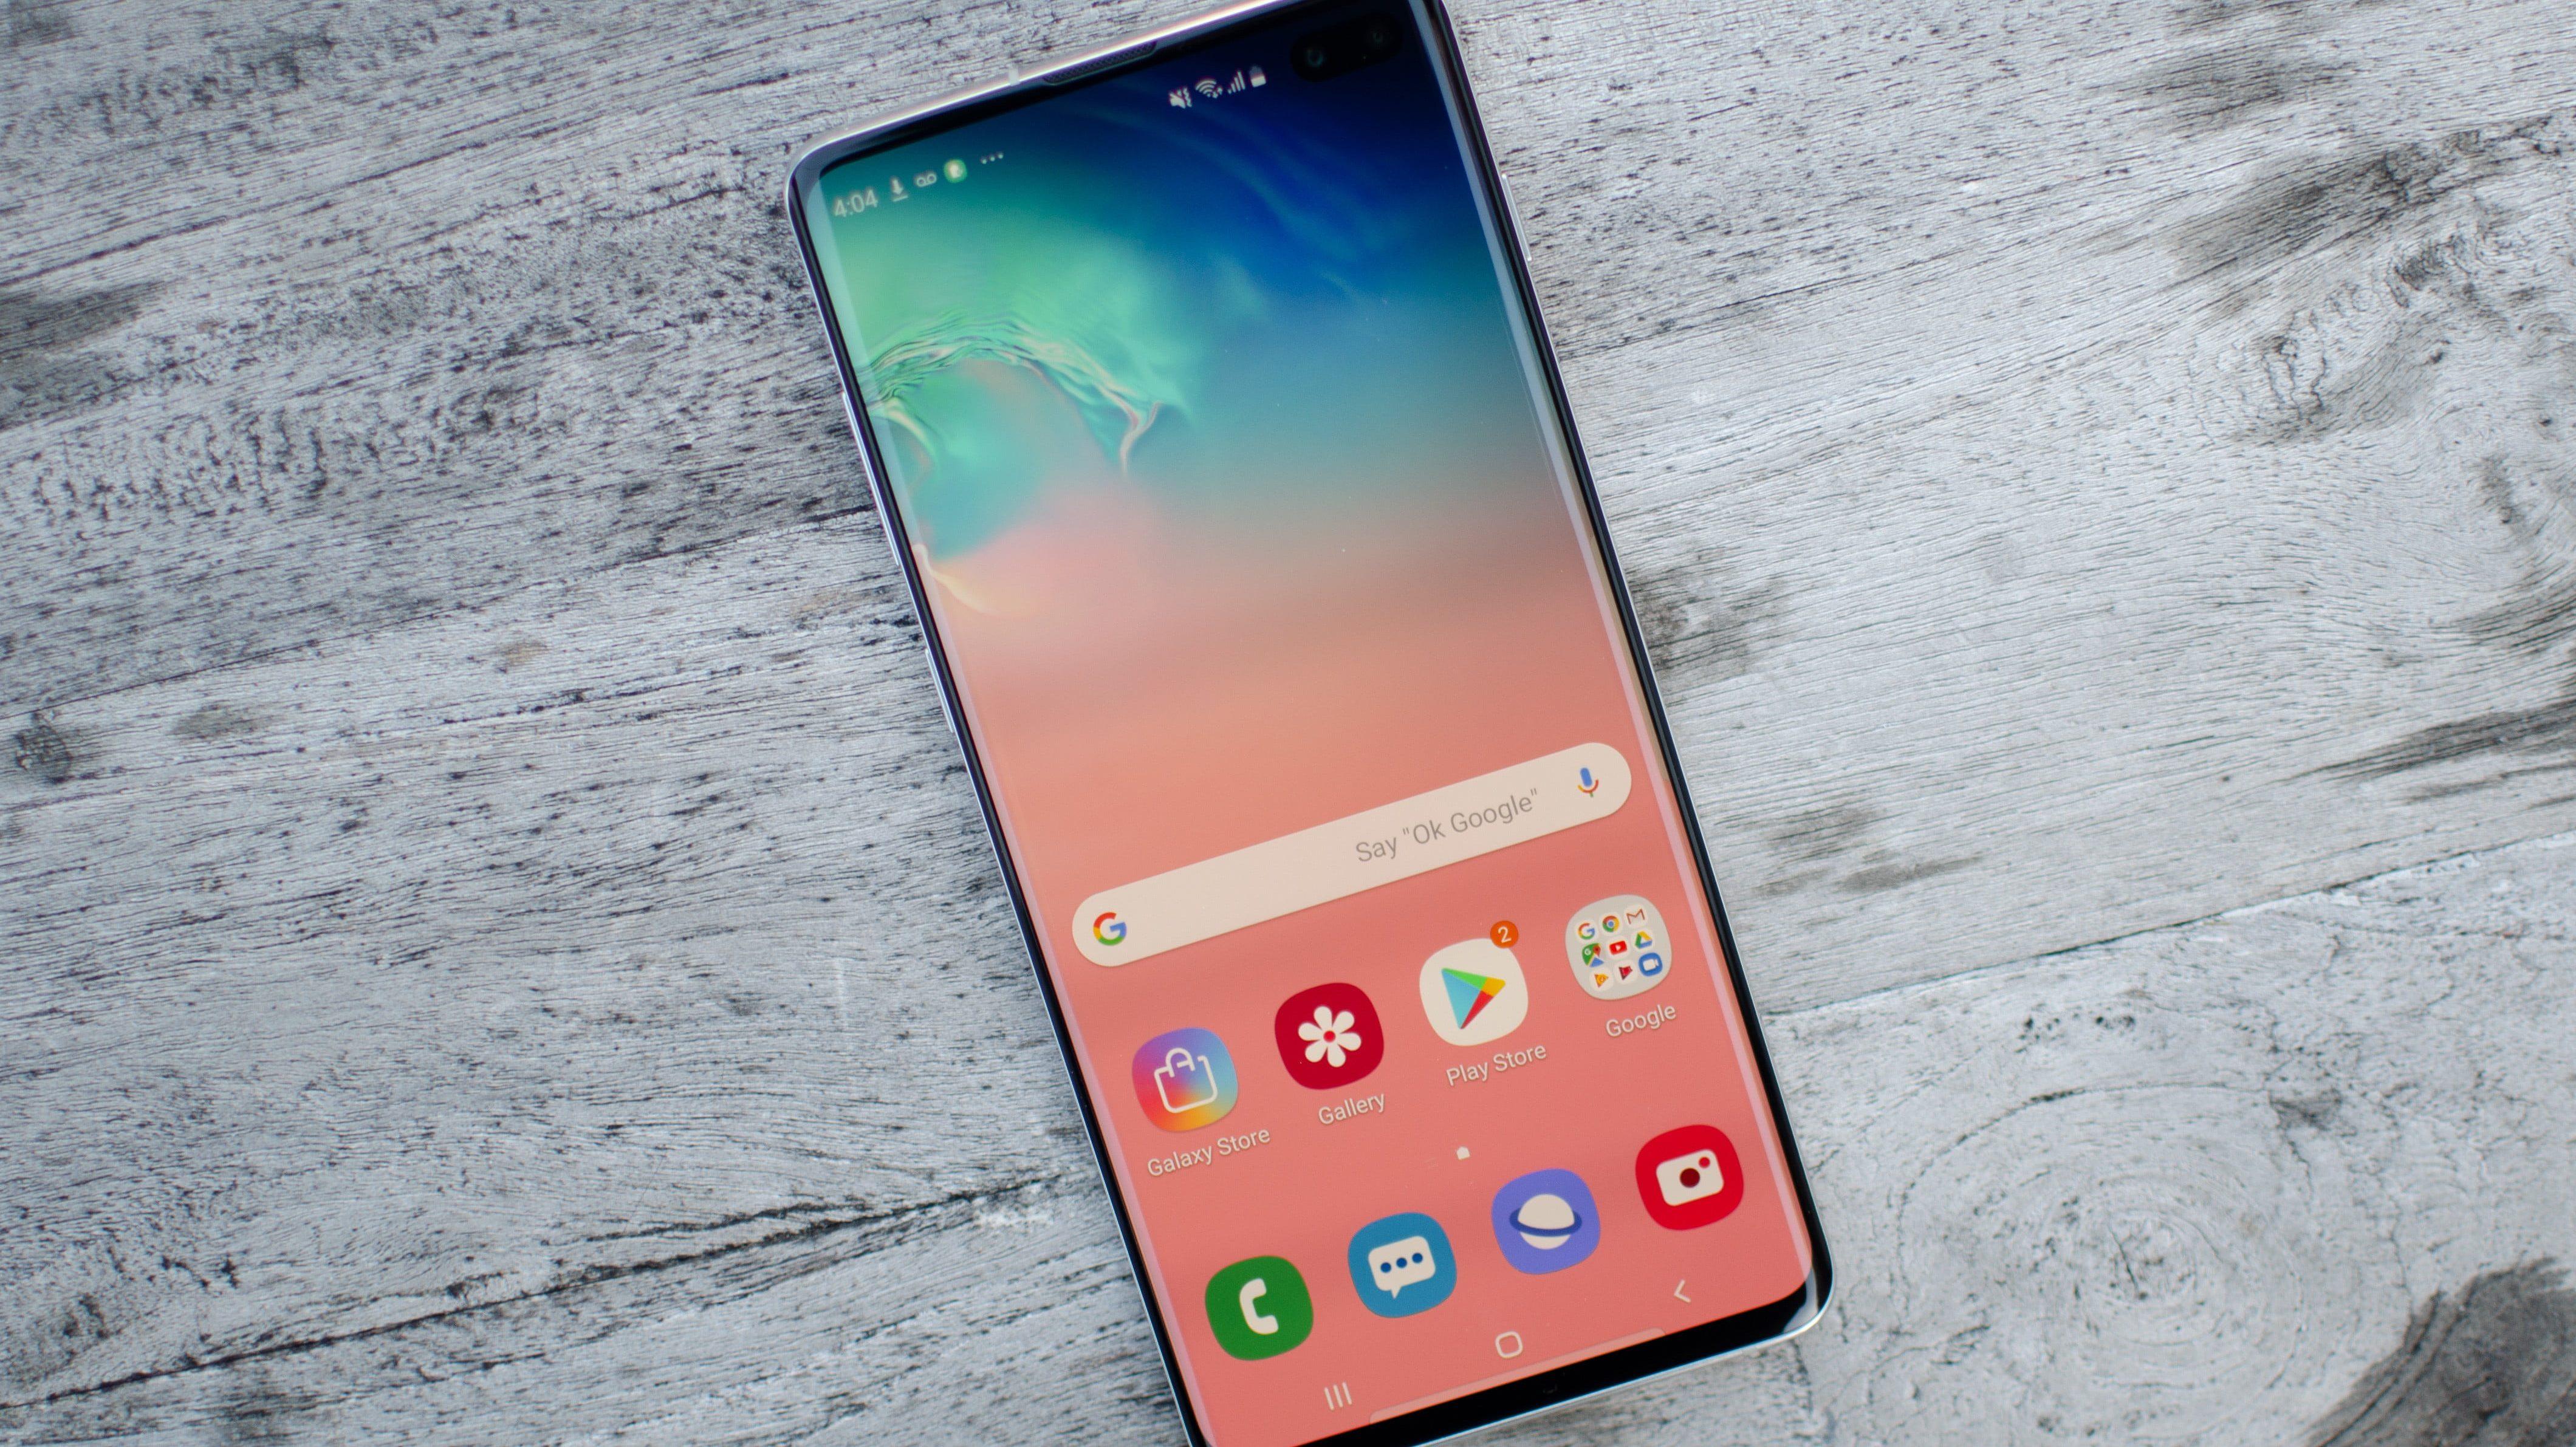 Samsung Galaxy S10, il nuovo Android 10 è in arrivo 6 Samsung Galaxy S10, il nuovo Android 10 è in arrivo